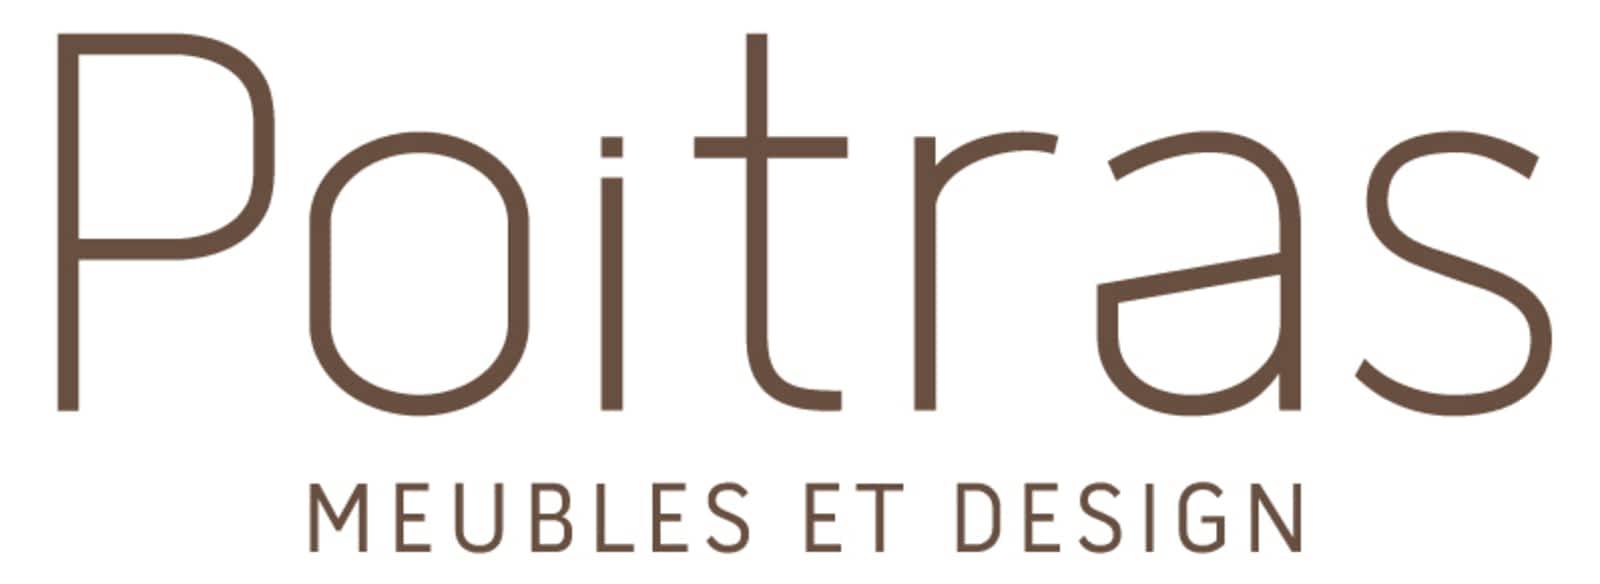 Poitras Meubles Et Design Horaire D Ouverture 35 St Louis Riviere Du Loup Qc